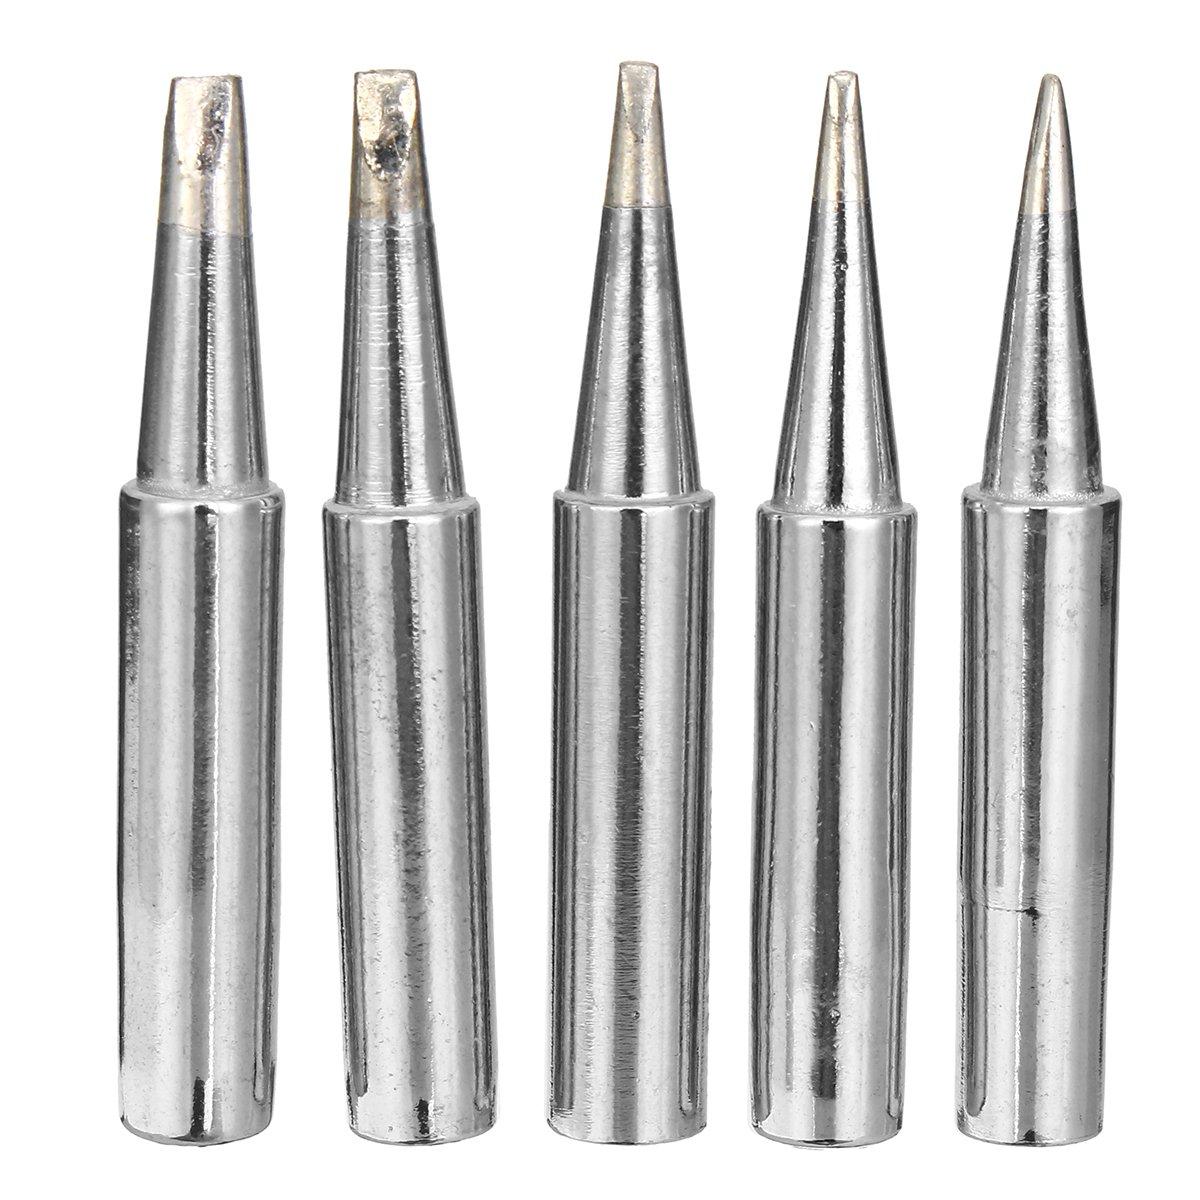 28.2MM Advanced TENMA NOZZLE 21-10166 QFP